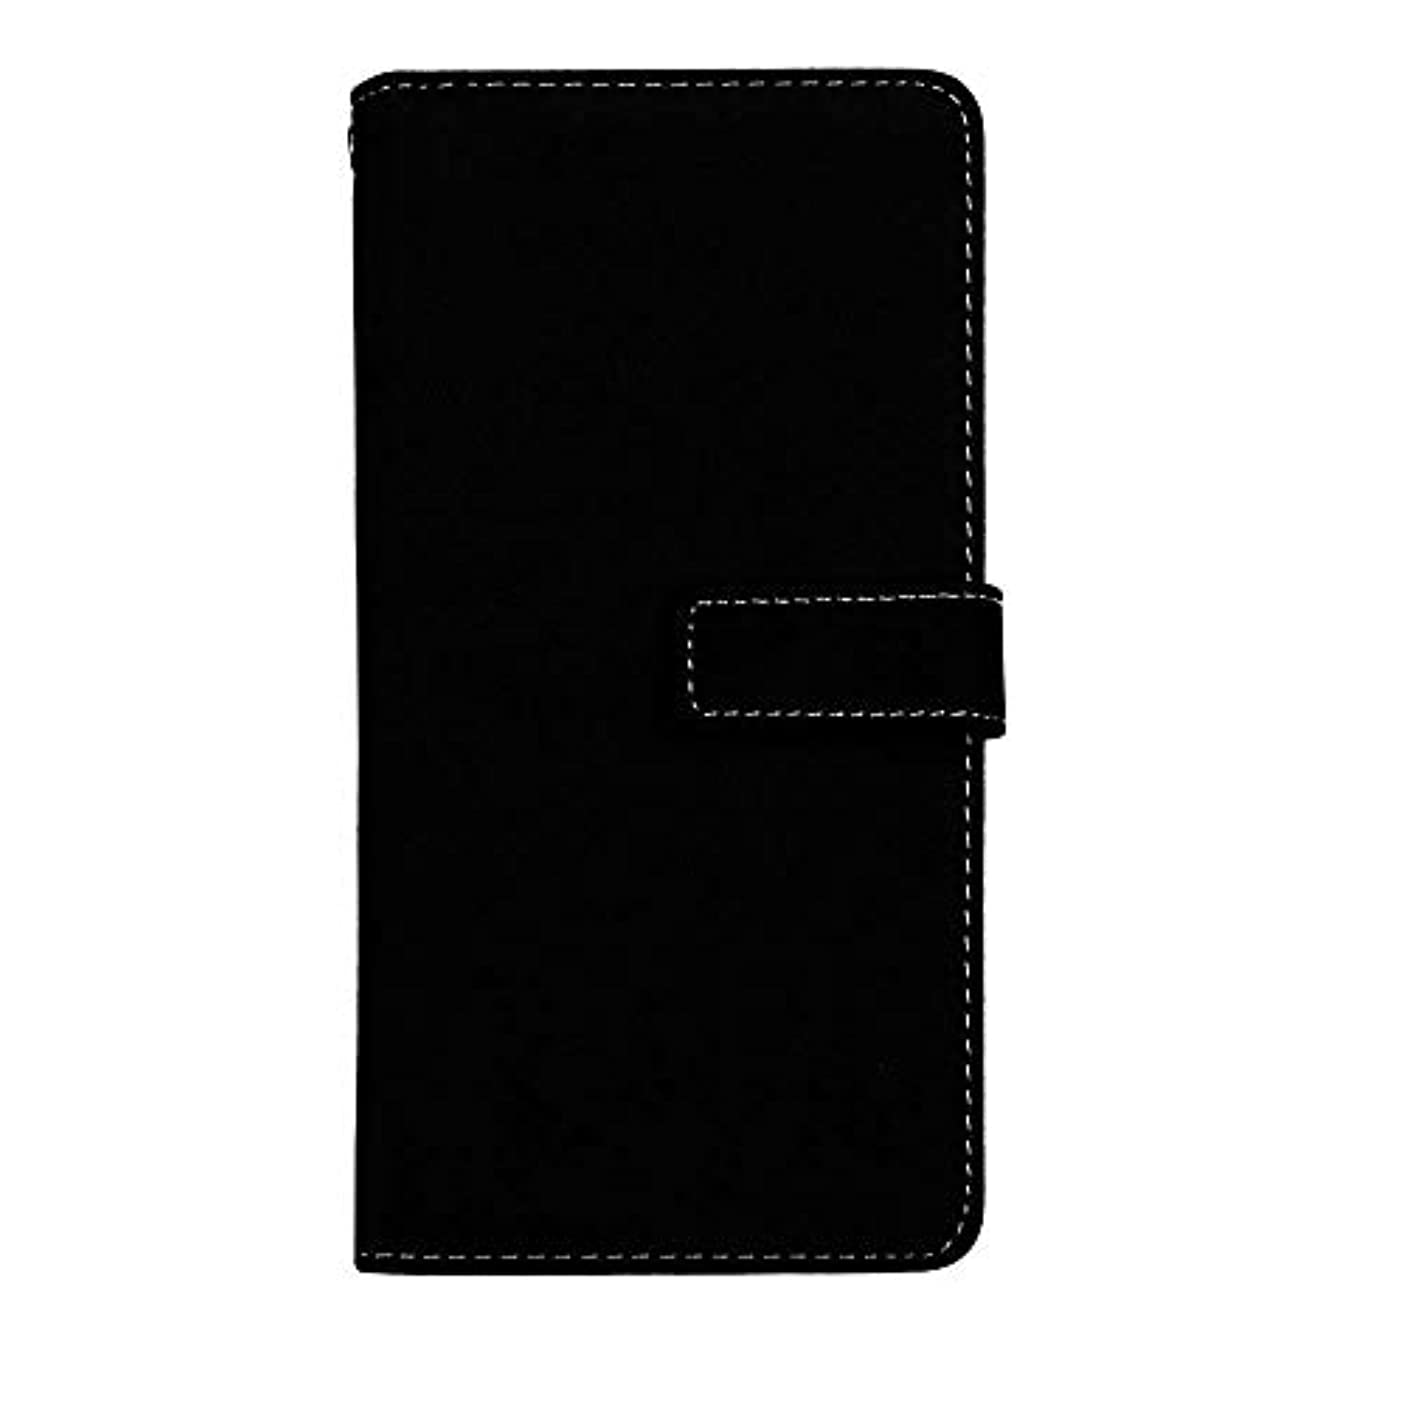 未来兵士革命Xiaomi Redmi S2 高品質 マグネット ケース, CUNUS 携帯電話 ケース 軽量 柔軟 高品質 耐摩擦 カード収納 カバー Xiaomi Redmi S2 用, ブラック